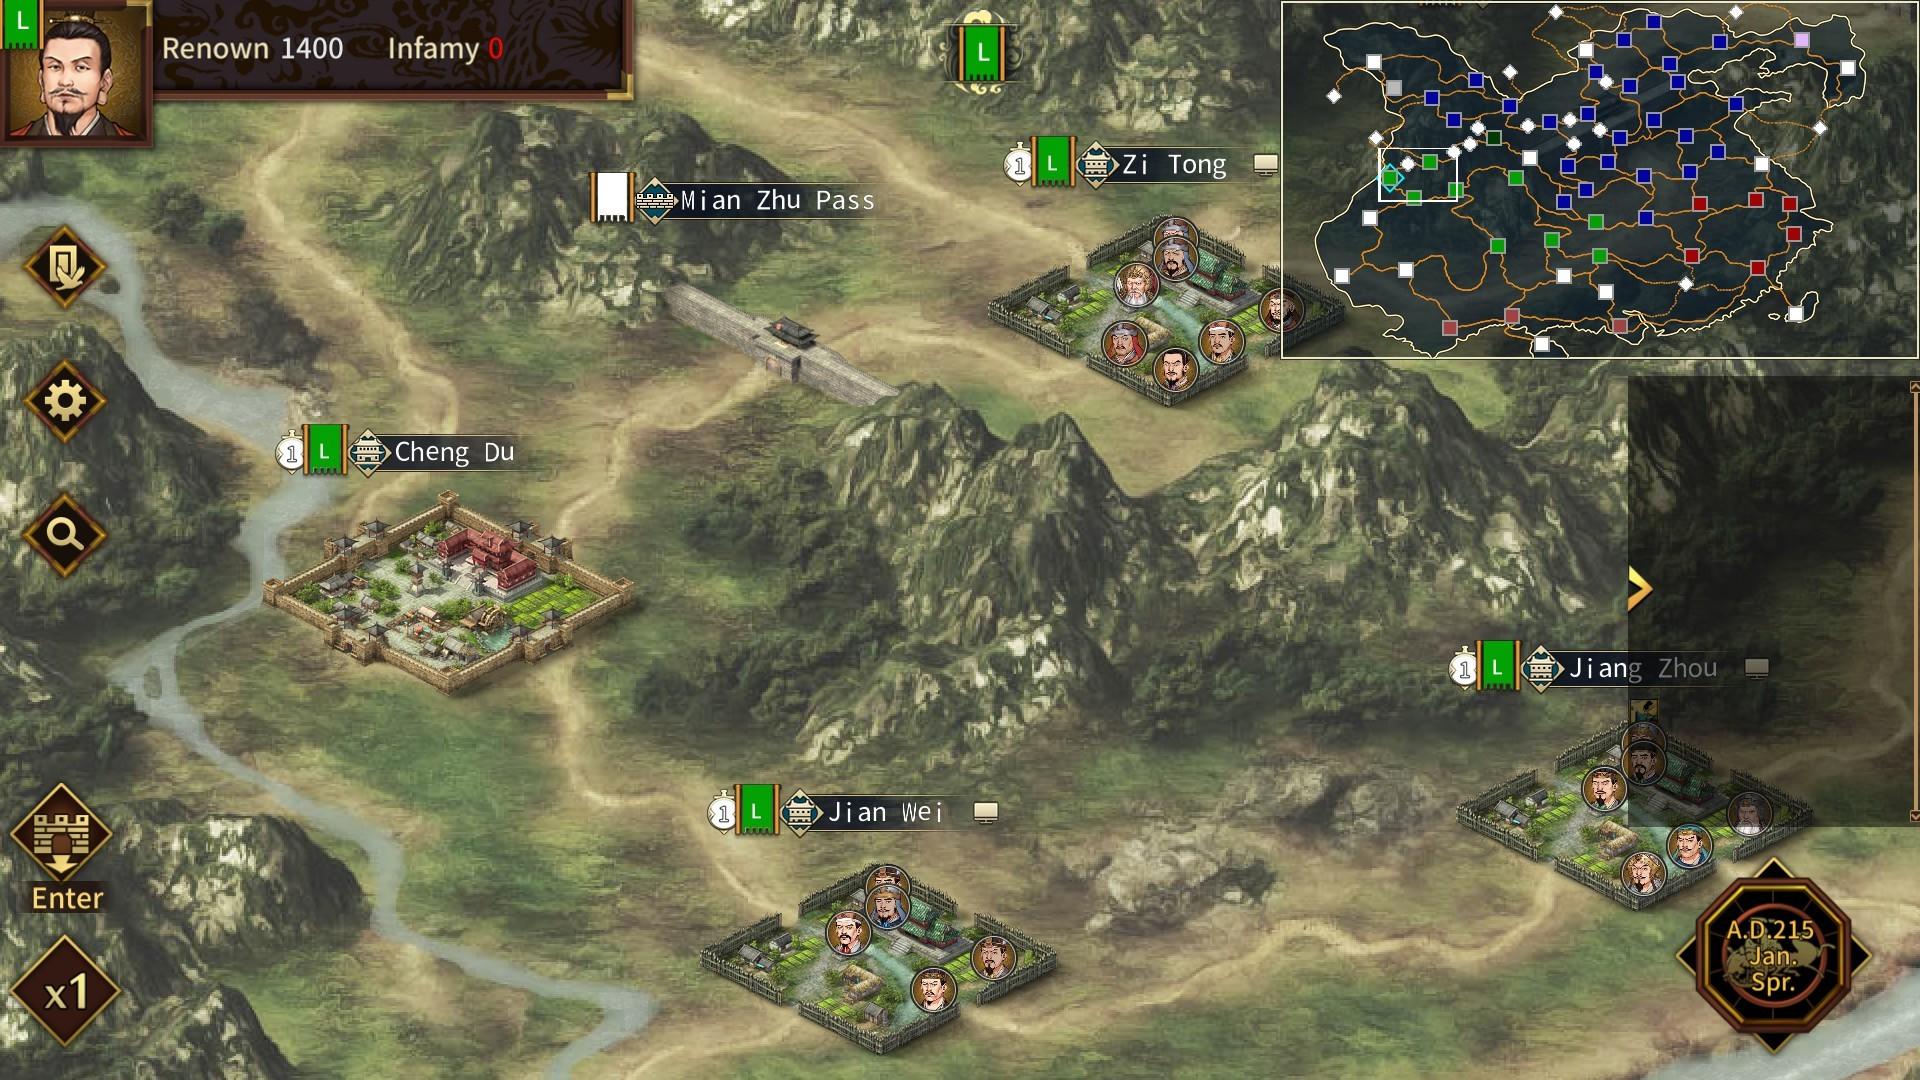 three-kingdoms-the-last-warlord-pc-screenshot-01